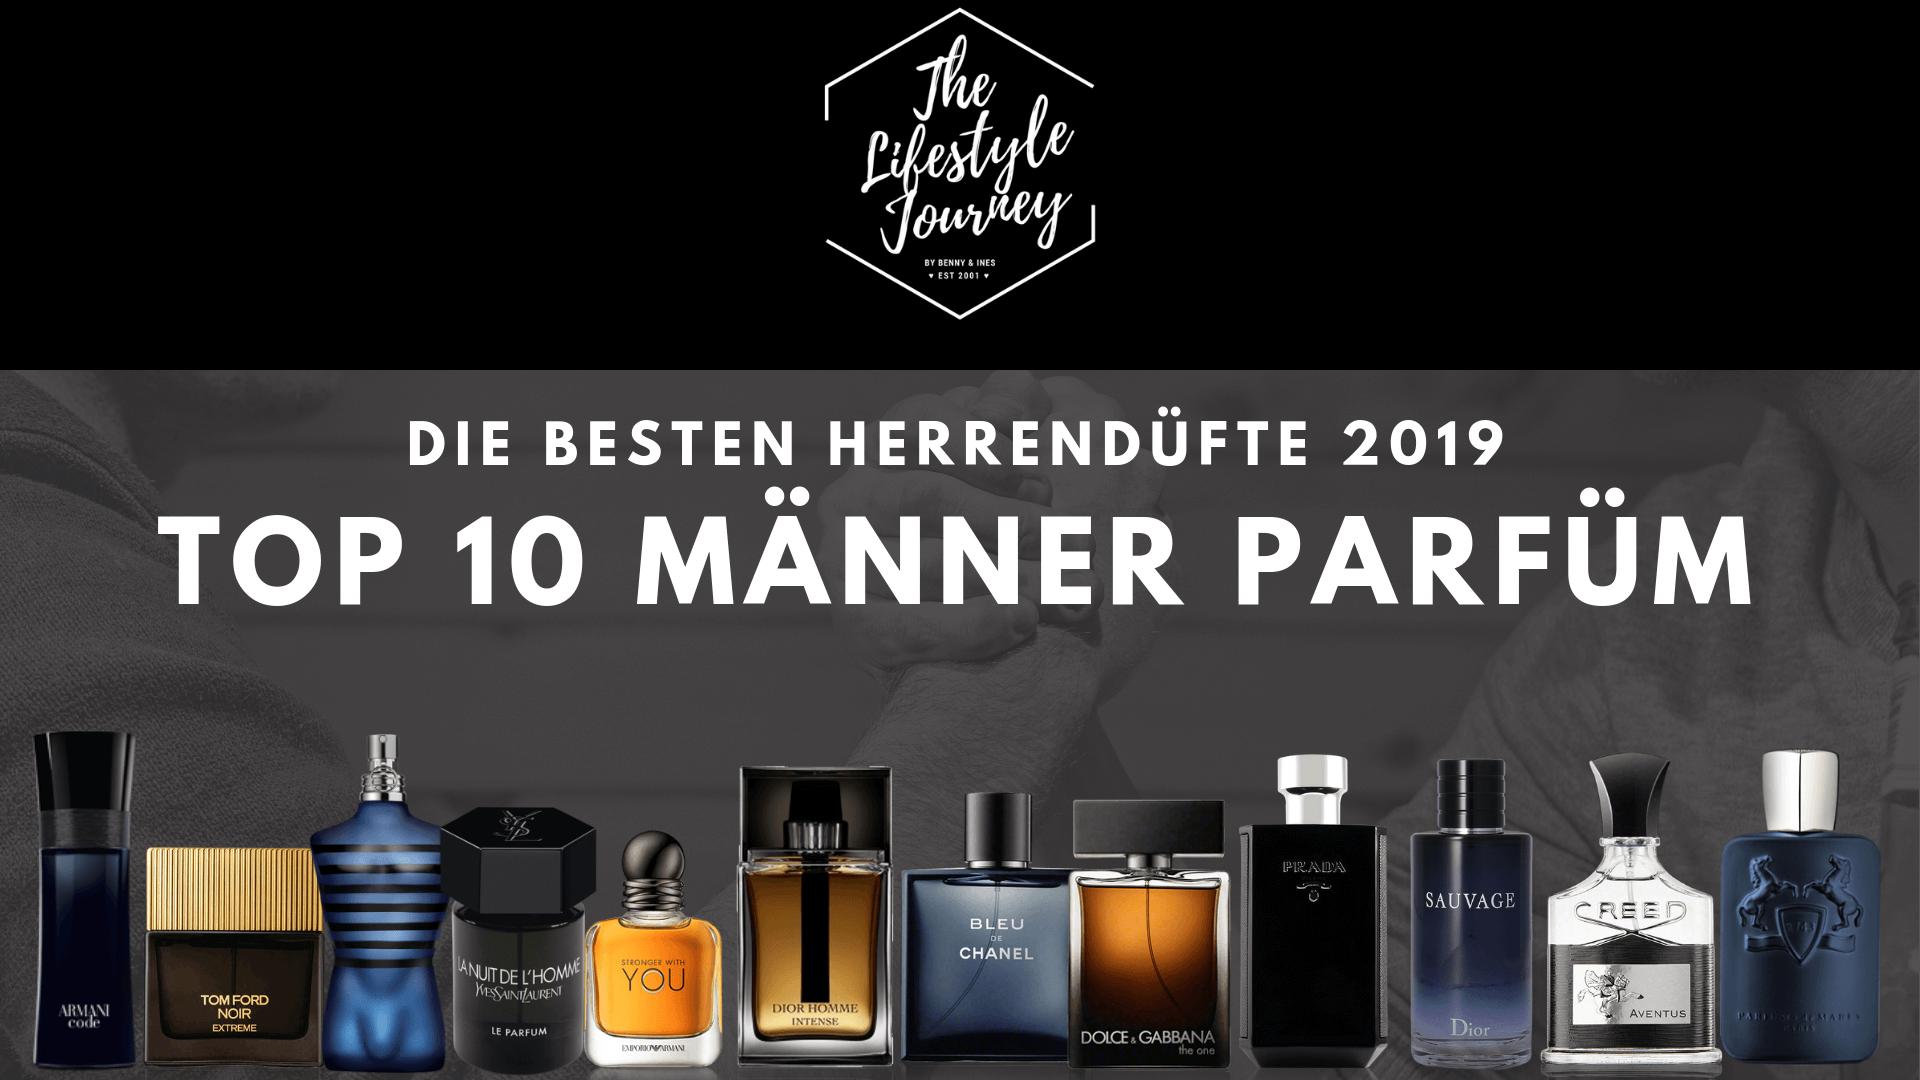 Herren Parfum Top 10 ⭐lll Die besten Herrendüfte 2019